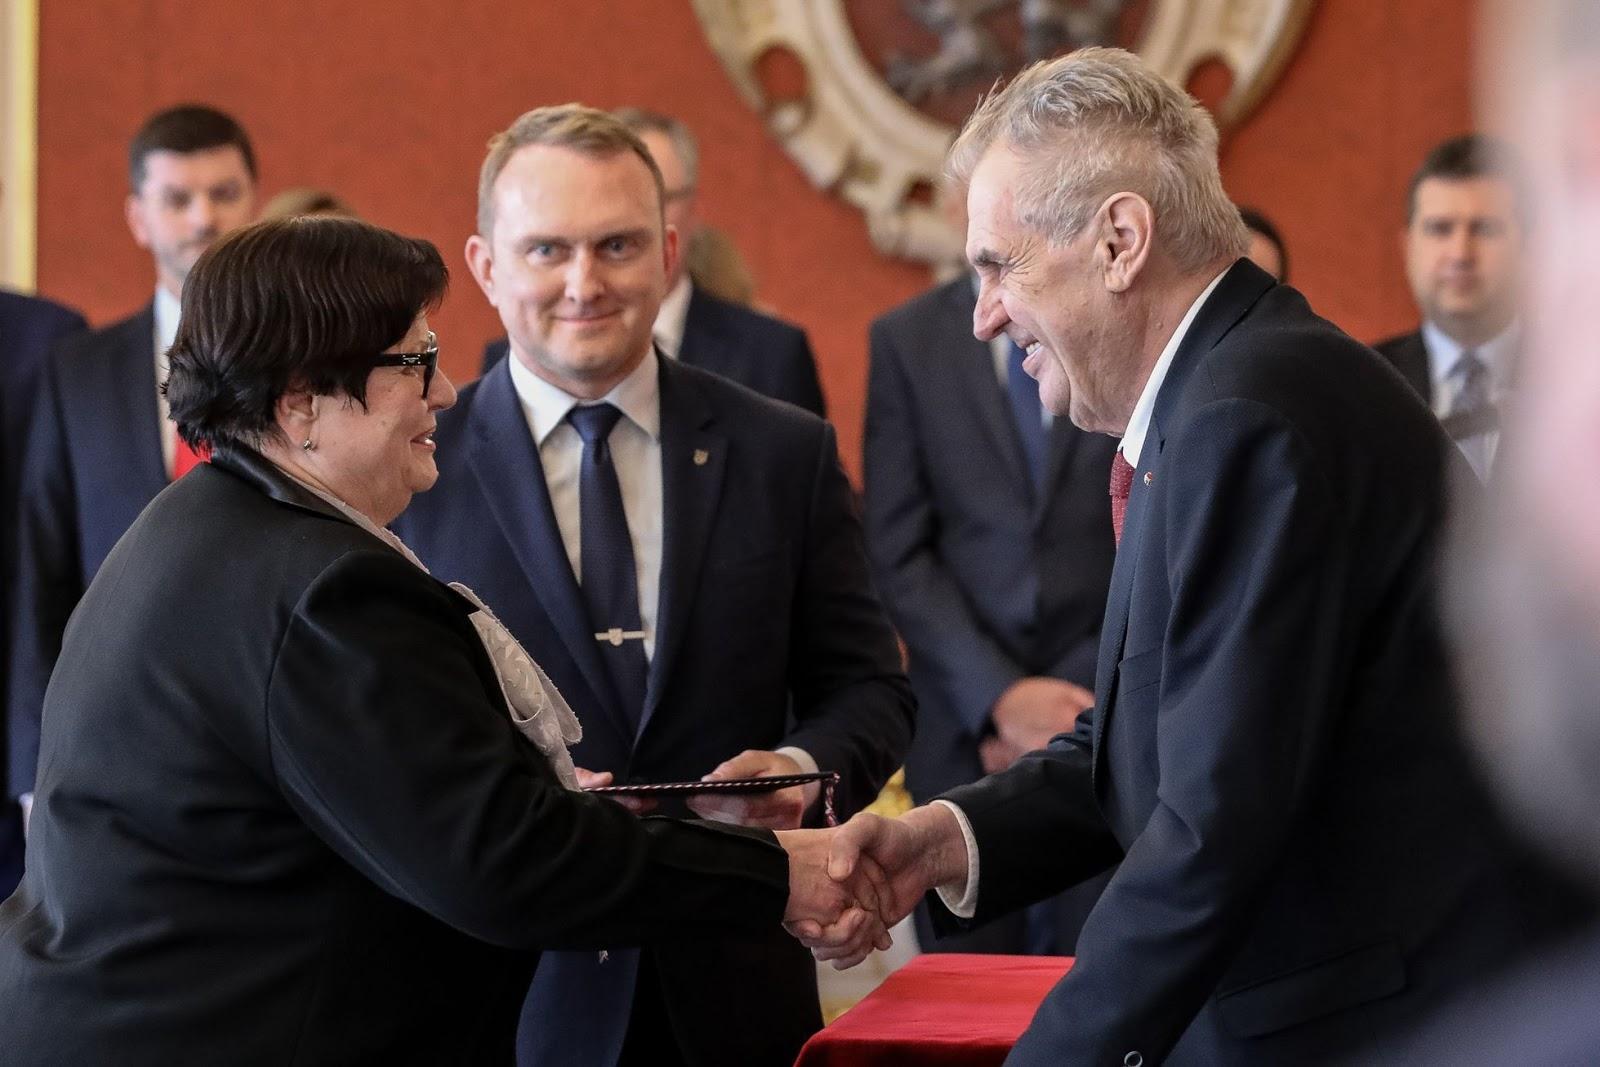 Marie Benešová and President Miloš Zeman shake hands. Photo.    Source: Jakub Plihal, Aktuálně .cz